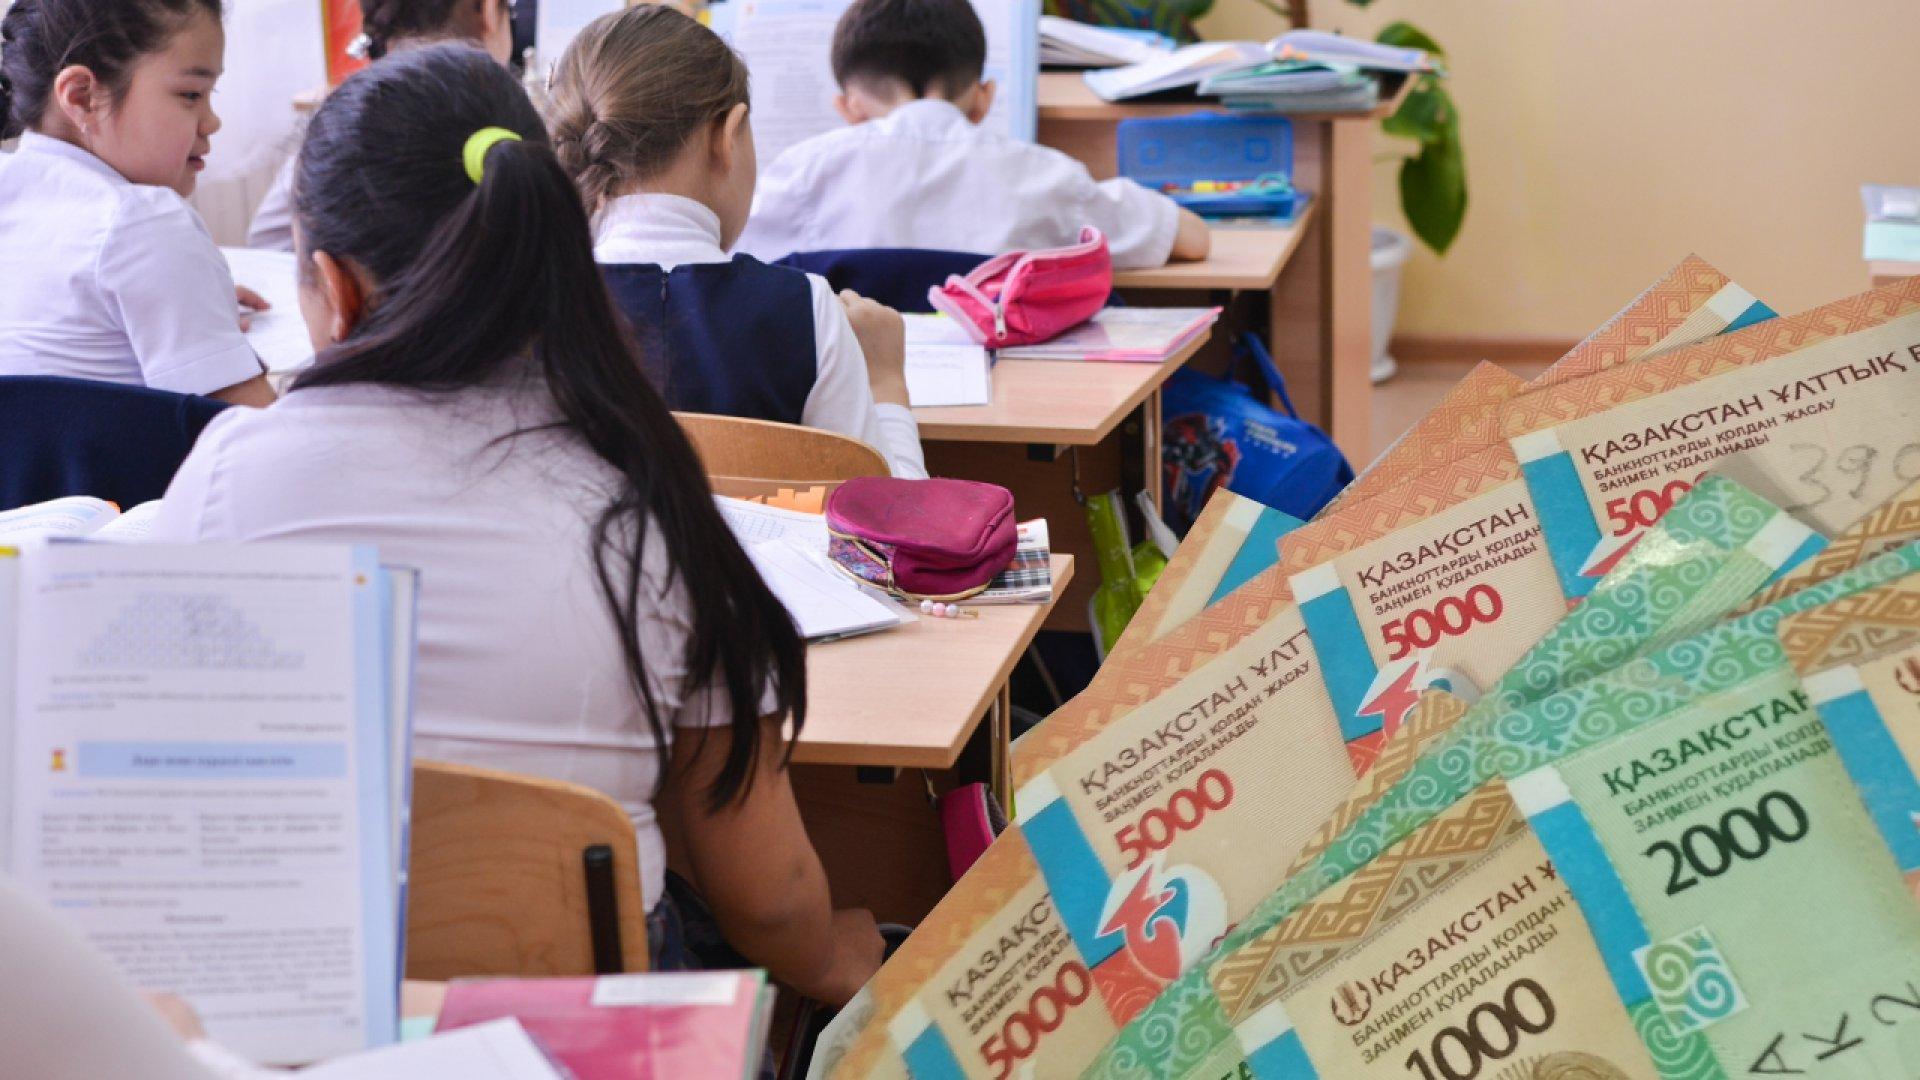 В школе требуют деньги на подарки 86